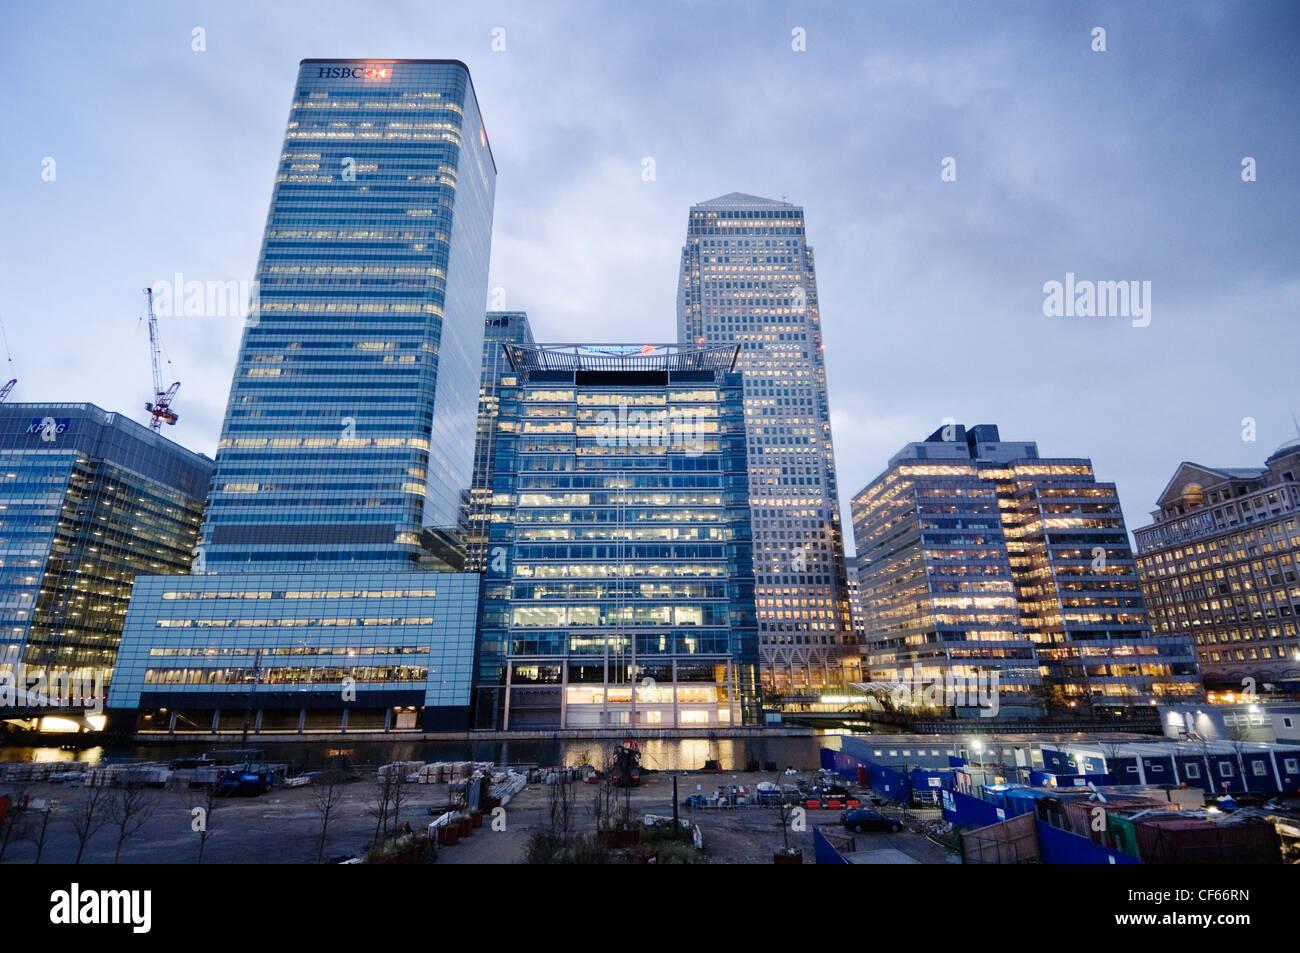 Tower Hsbc Stock Photos & Tower Hsbc Stock Images - Alamy